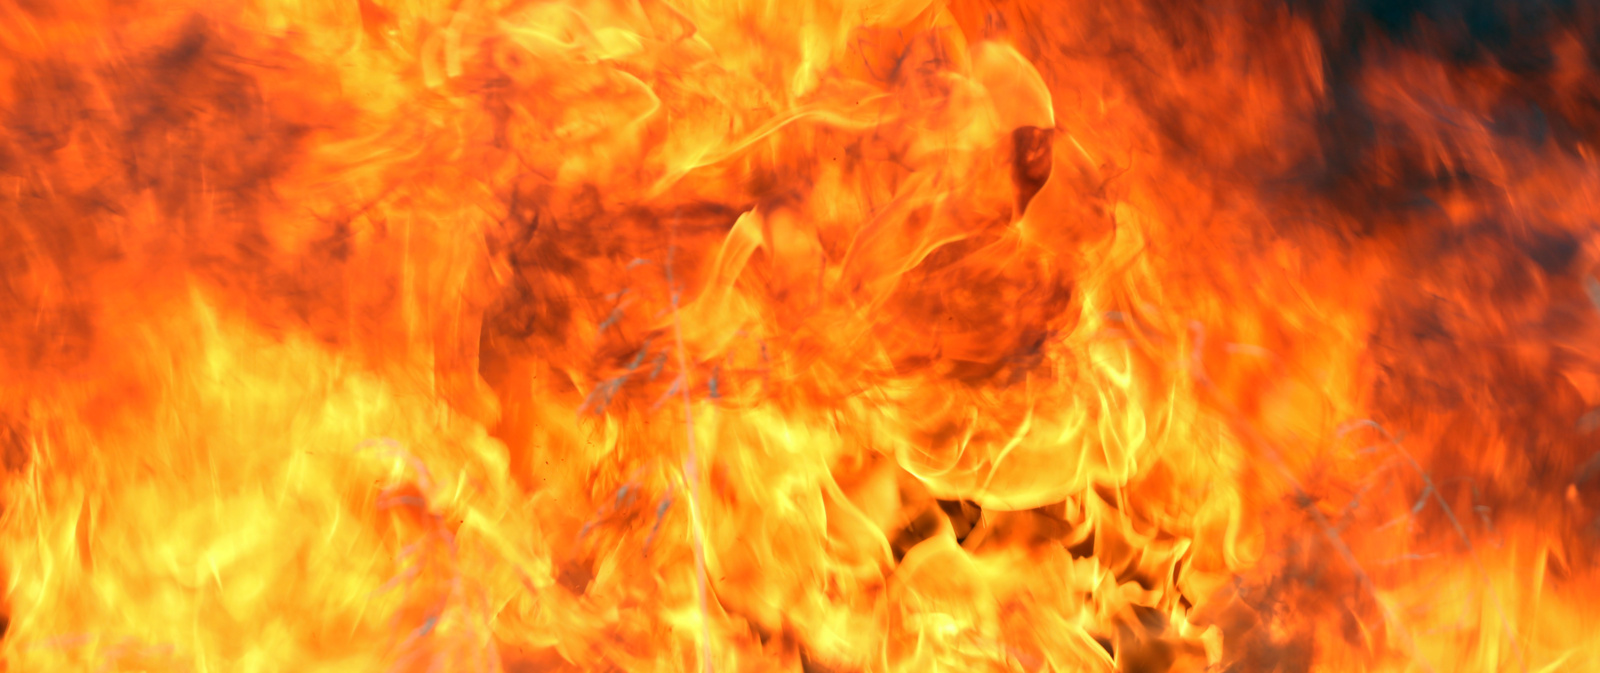 Sandėlio gaisras Kalvarijų gatvėje Vilniuje